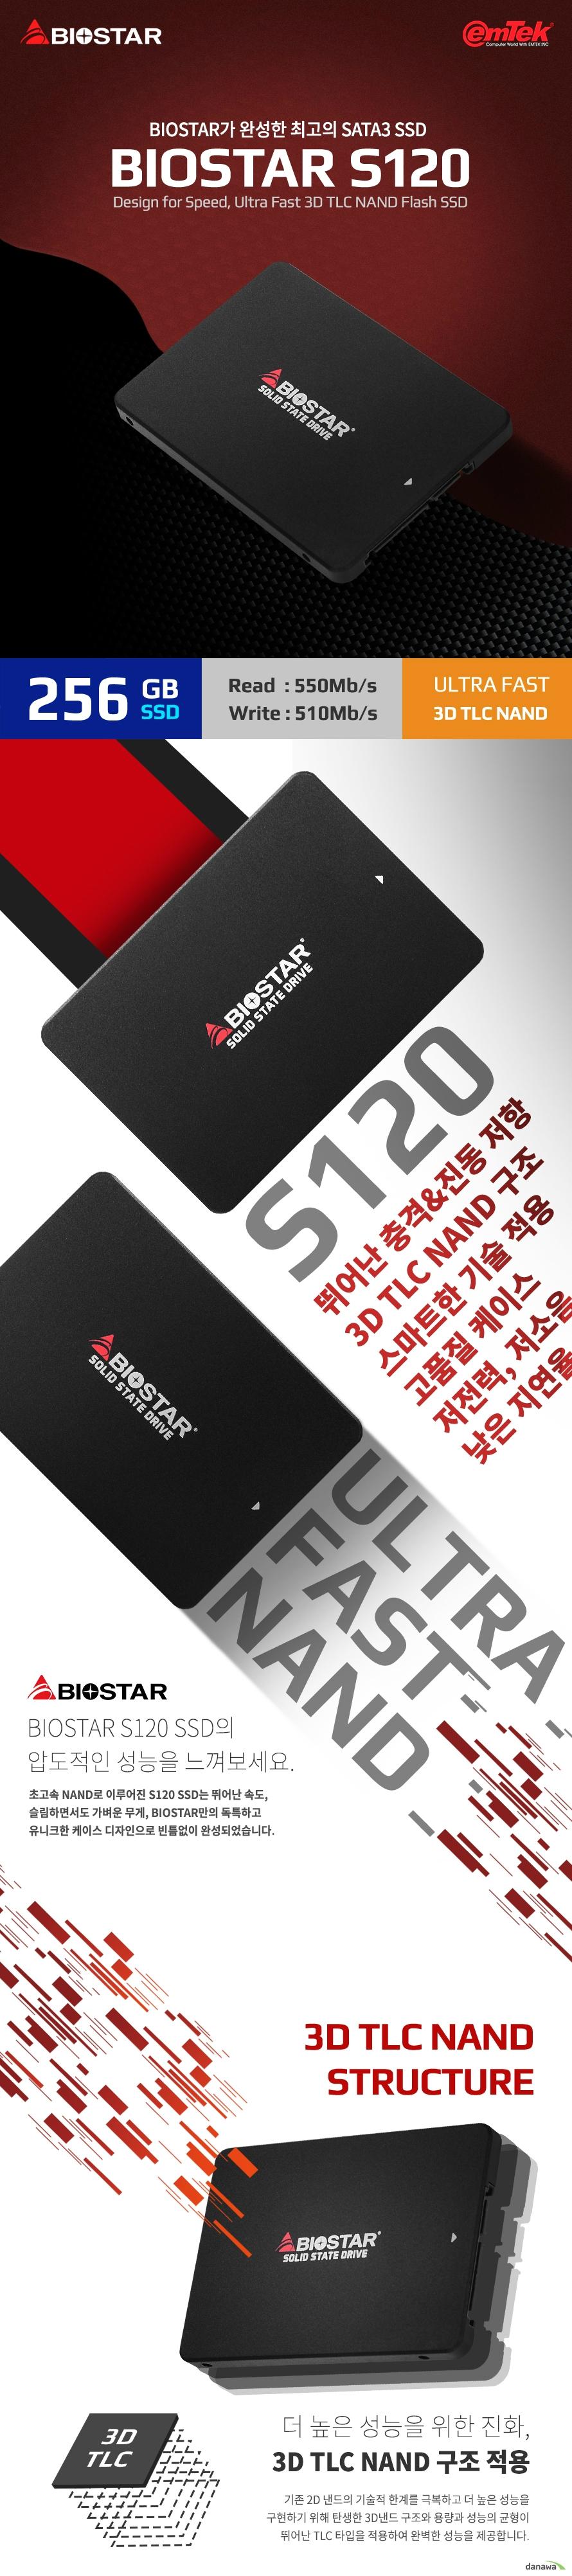 이엠텍 BIOSTAR S120 (256GB)  제품 상세 정보  용량 256GB 인터페이스 SATA3 낸드 종류 3D TLC 낸드 플래시 컨트롤러 MAXIO 0902  제품 성능 읽기 최대 550MB/S 쓰기 최대 510MB/S  작동 온도 0도에서 영상 70도까지  정격 전압 DC 5V  제품 특징 TRIM S.M.A.R.T NCQ WEAR LEVELING 기술 적용 제품 크기 길이 100 밀리미터 넓이 70 밀리미터 두께 7 밀리미터  충격 저항 1500G 진동 저항 7~800헤르츠  습도 5%~95%에서 작동가능  전력 소모   사용시 1.6와트 대기시 0.34와트  제품 무게 36그램 제품 보증 3년 무상보증 KC인증번호 R R EMT BS S120